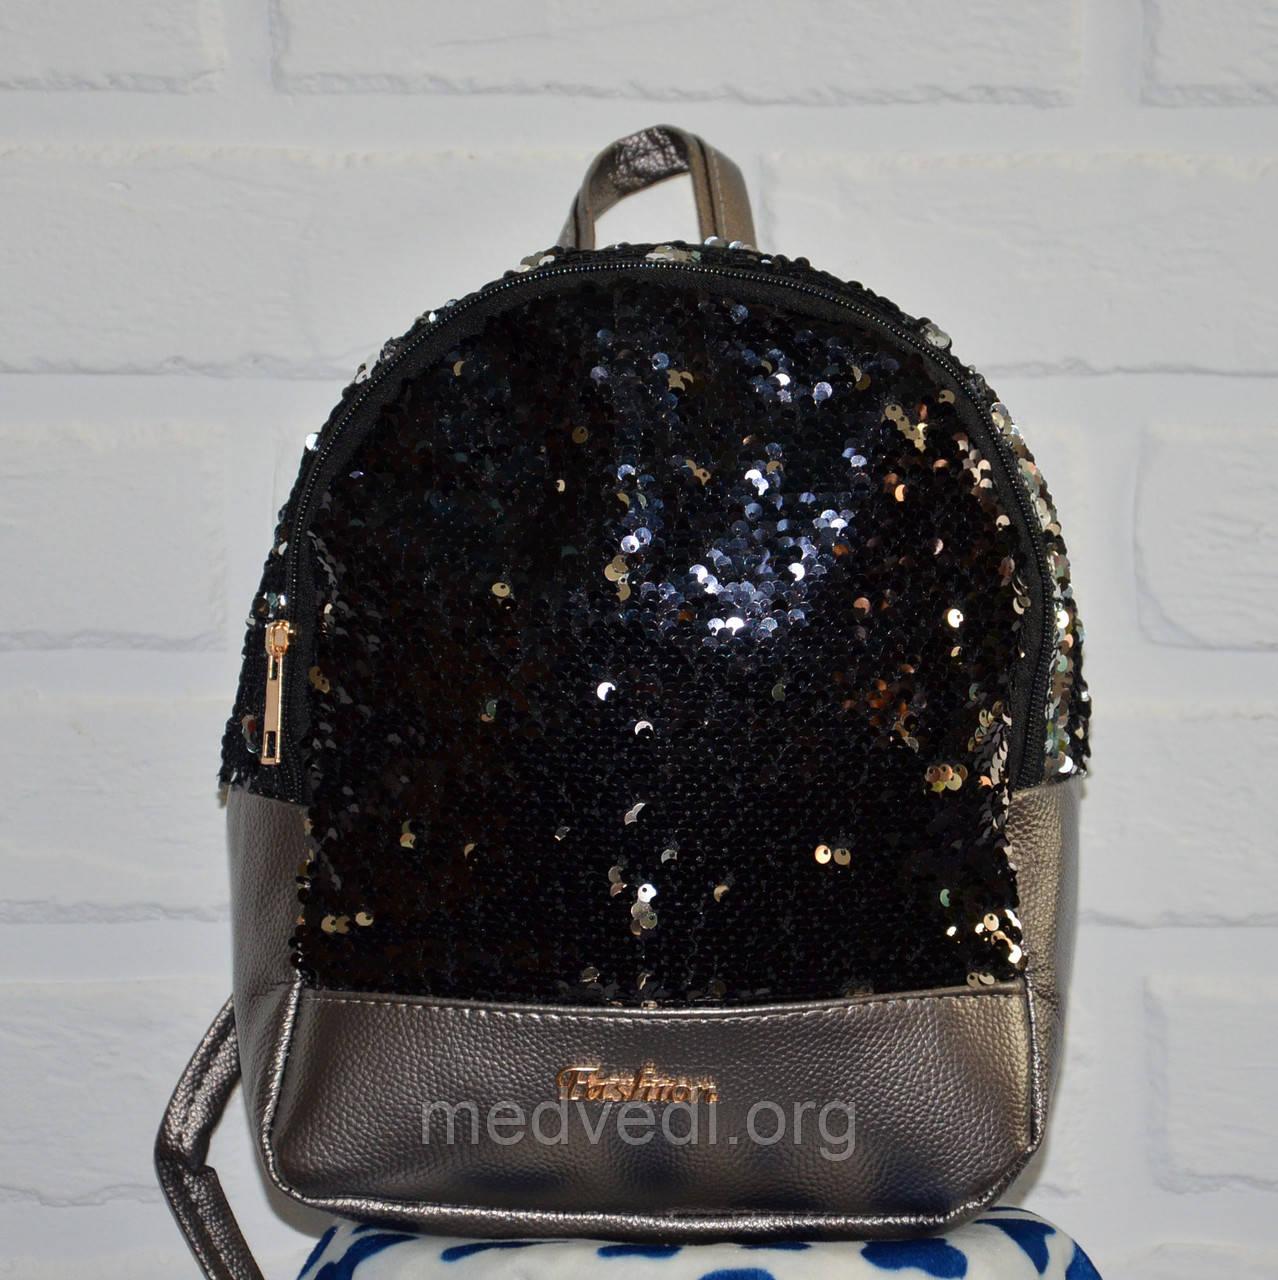 Серый рюкзак с пайетками двусторонними, женский, серебристо-черного цвета, стильный, молодежный